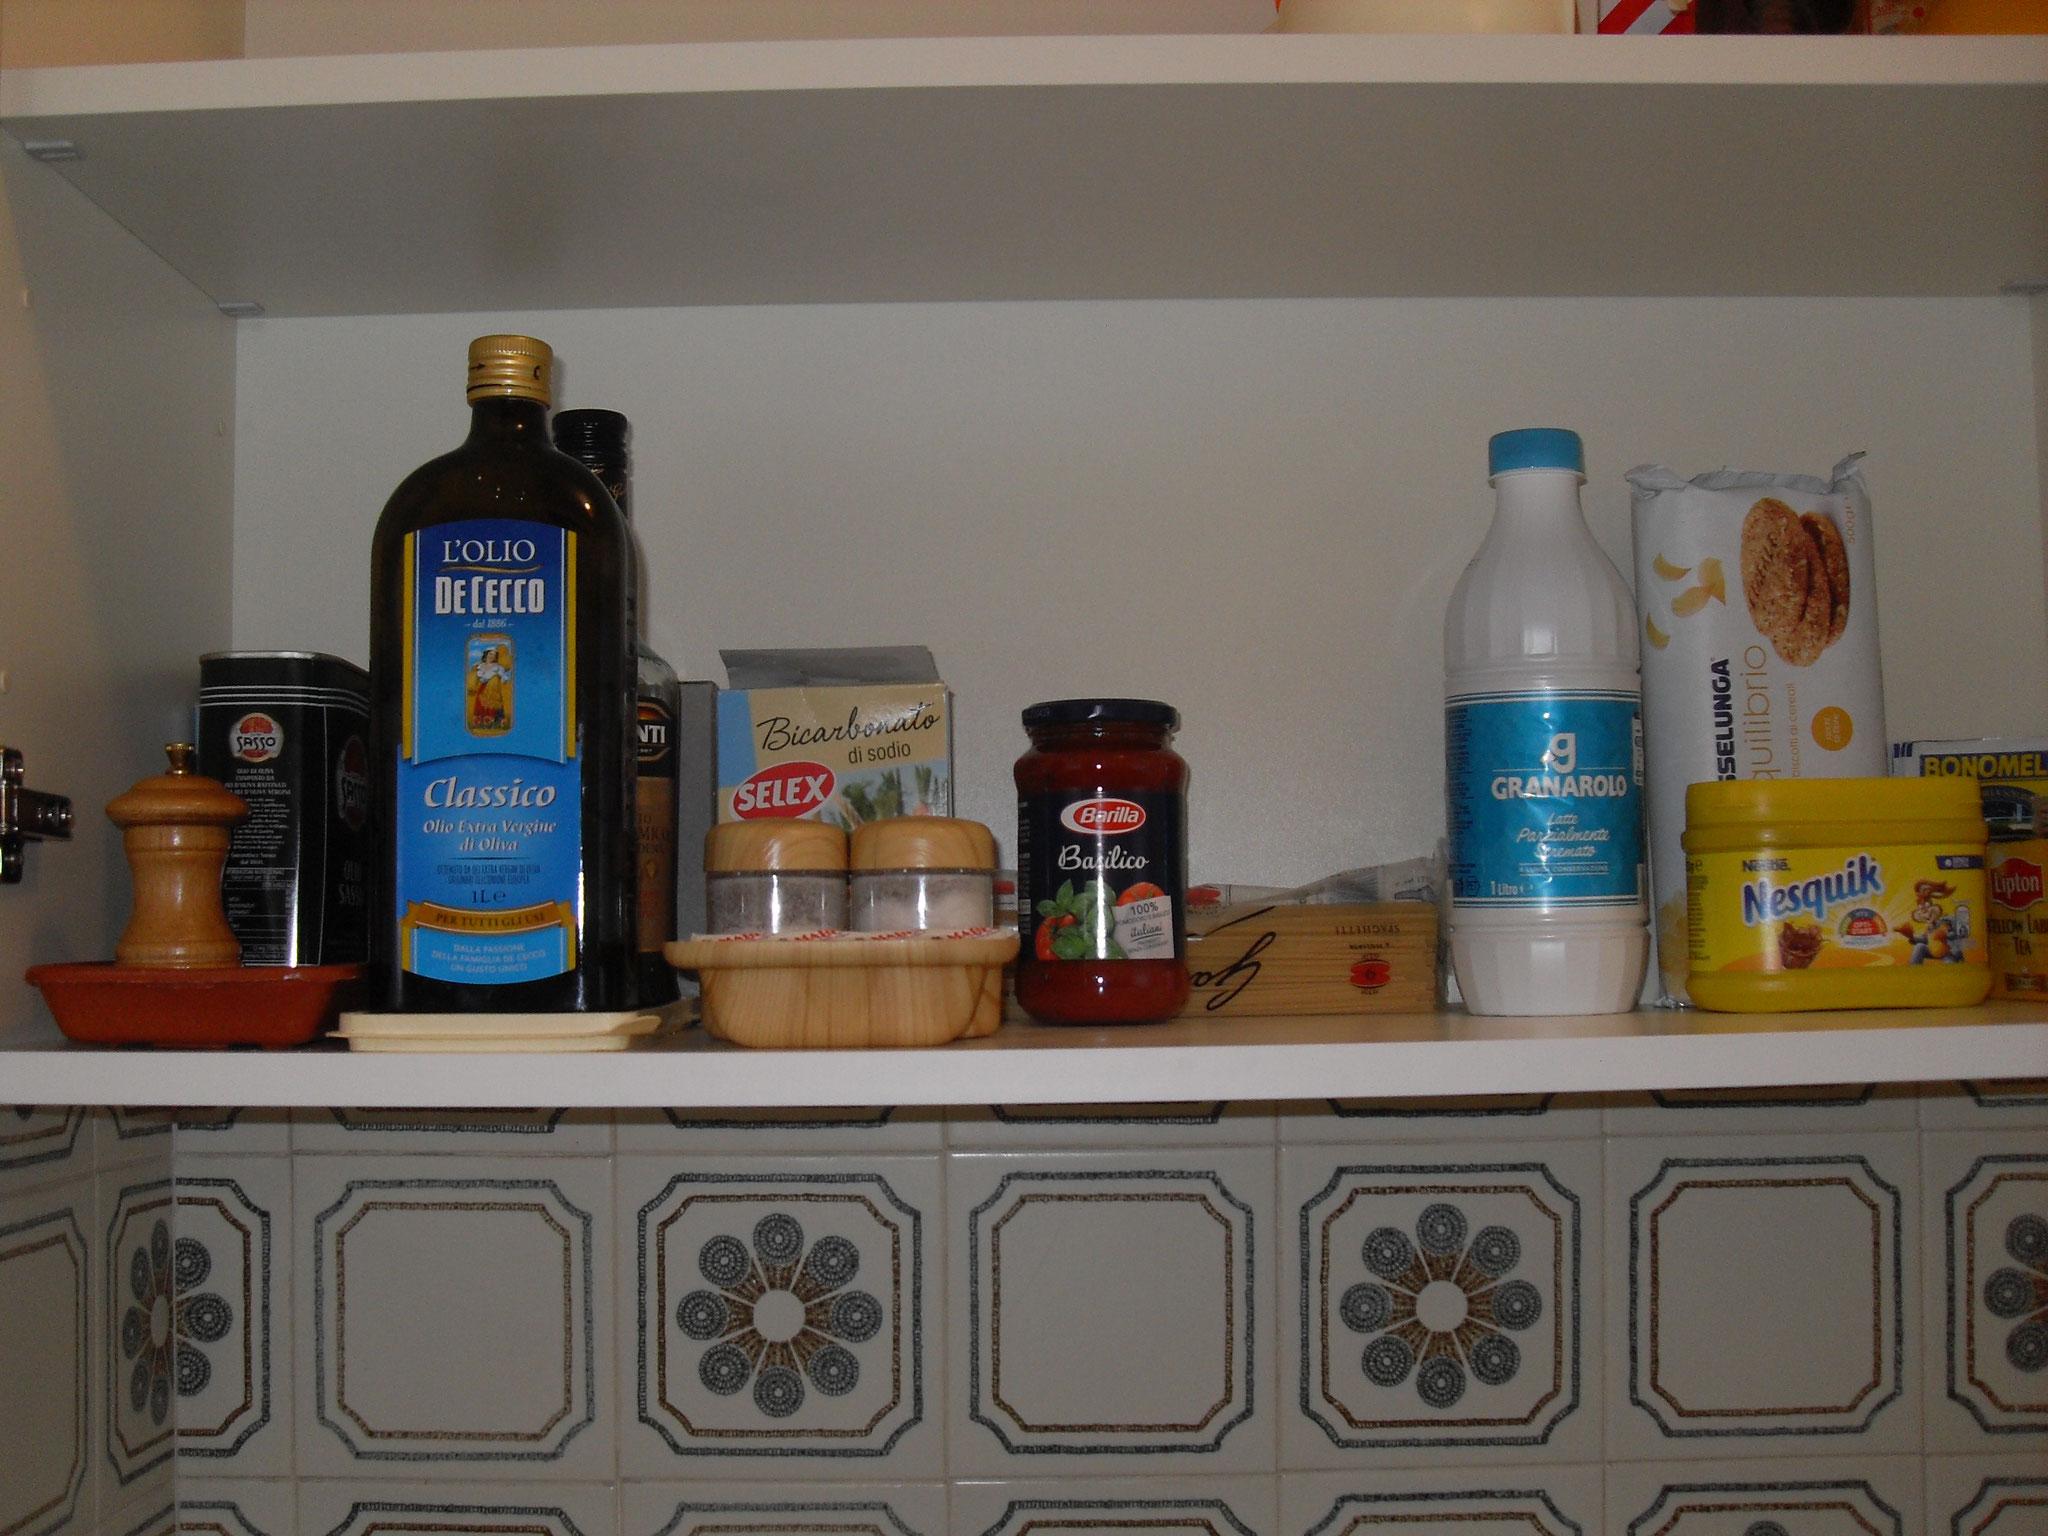 Cucina: Piccola dispensa con generi di prima necessita' a disposizione.